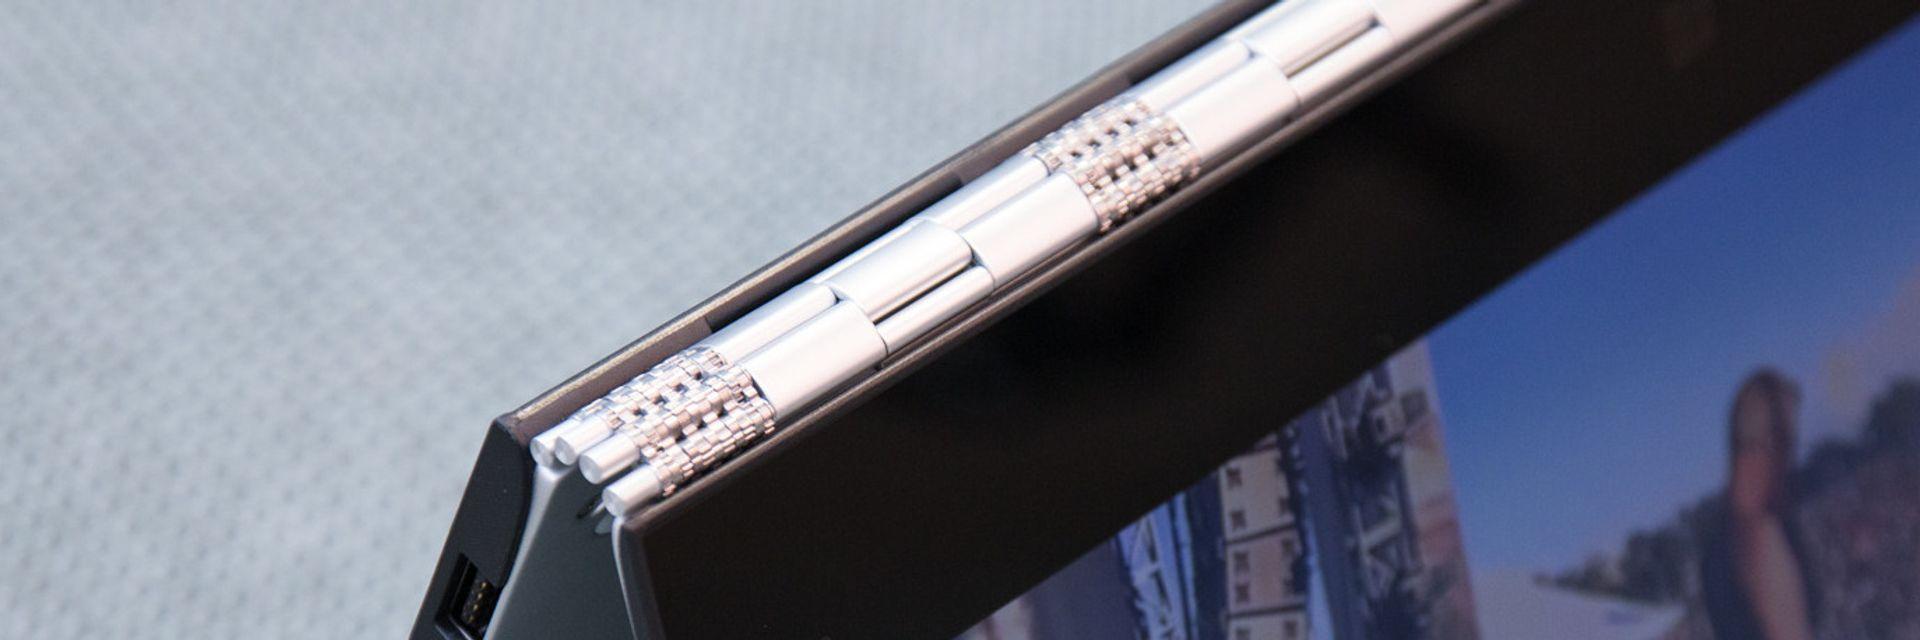 ANNONSE: Klarer du å se hvilken del av en laptop dette er?